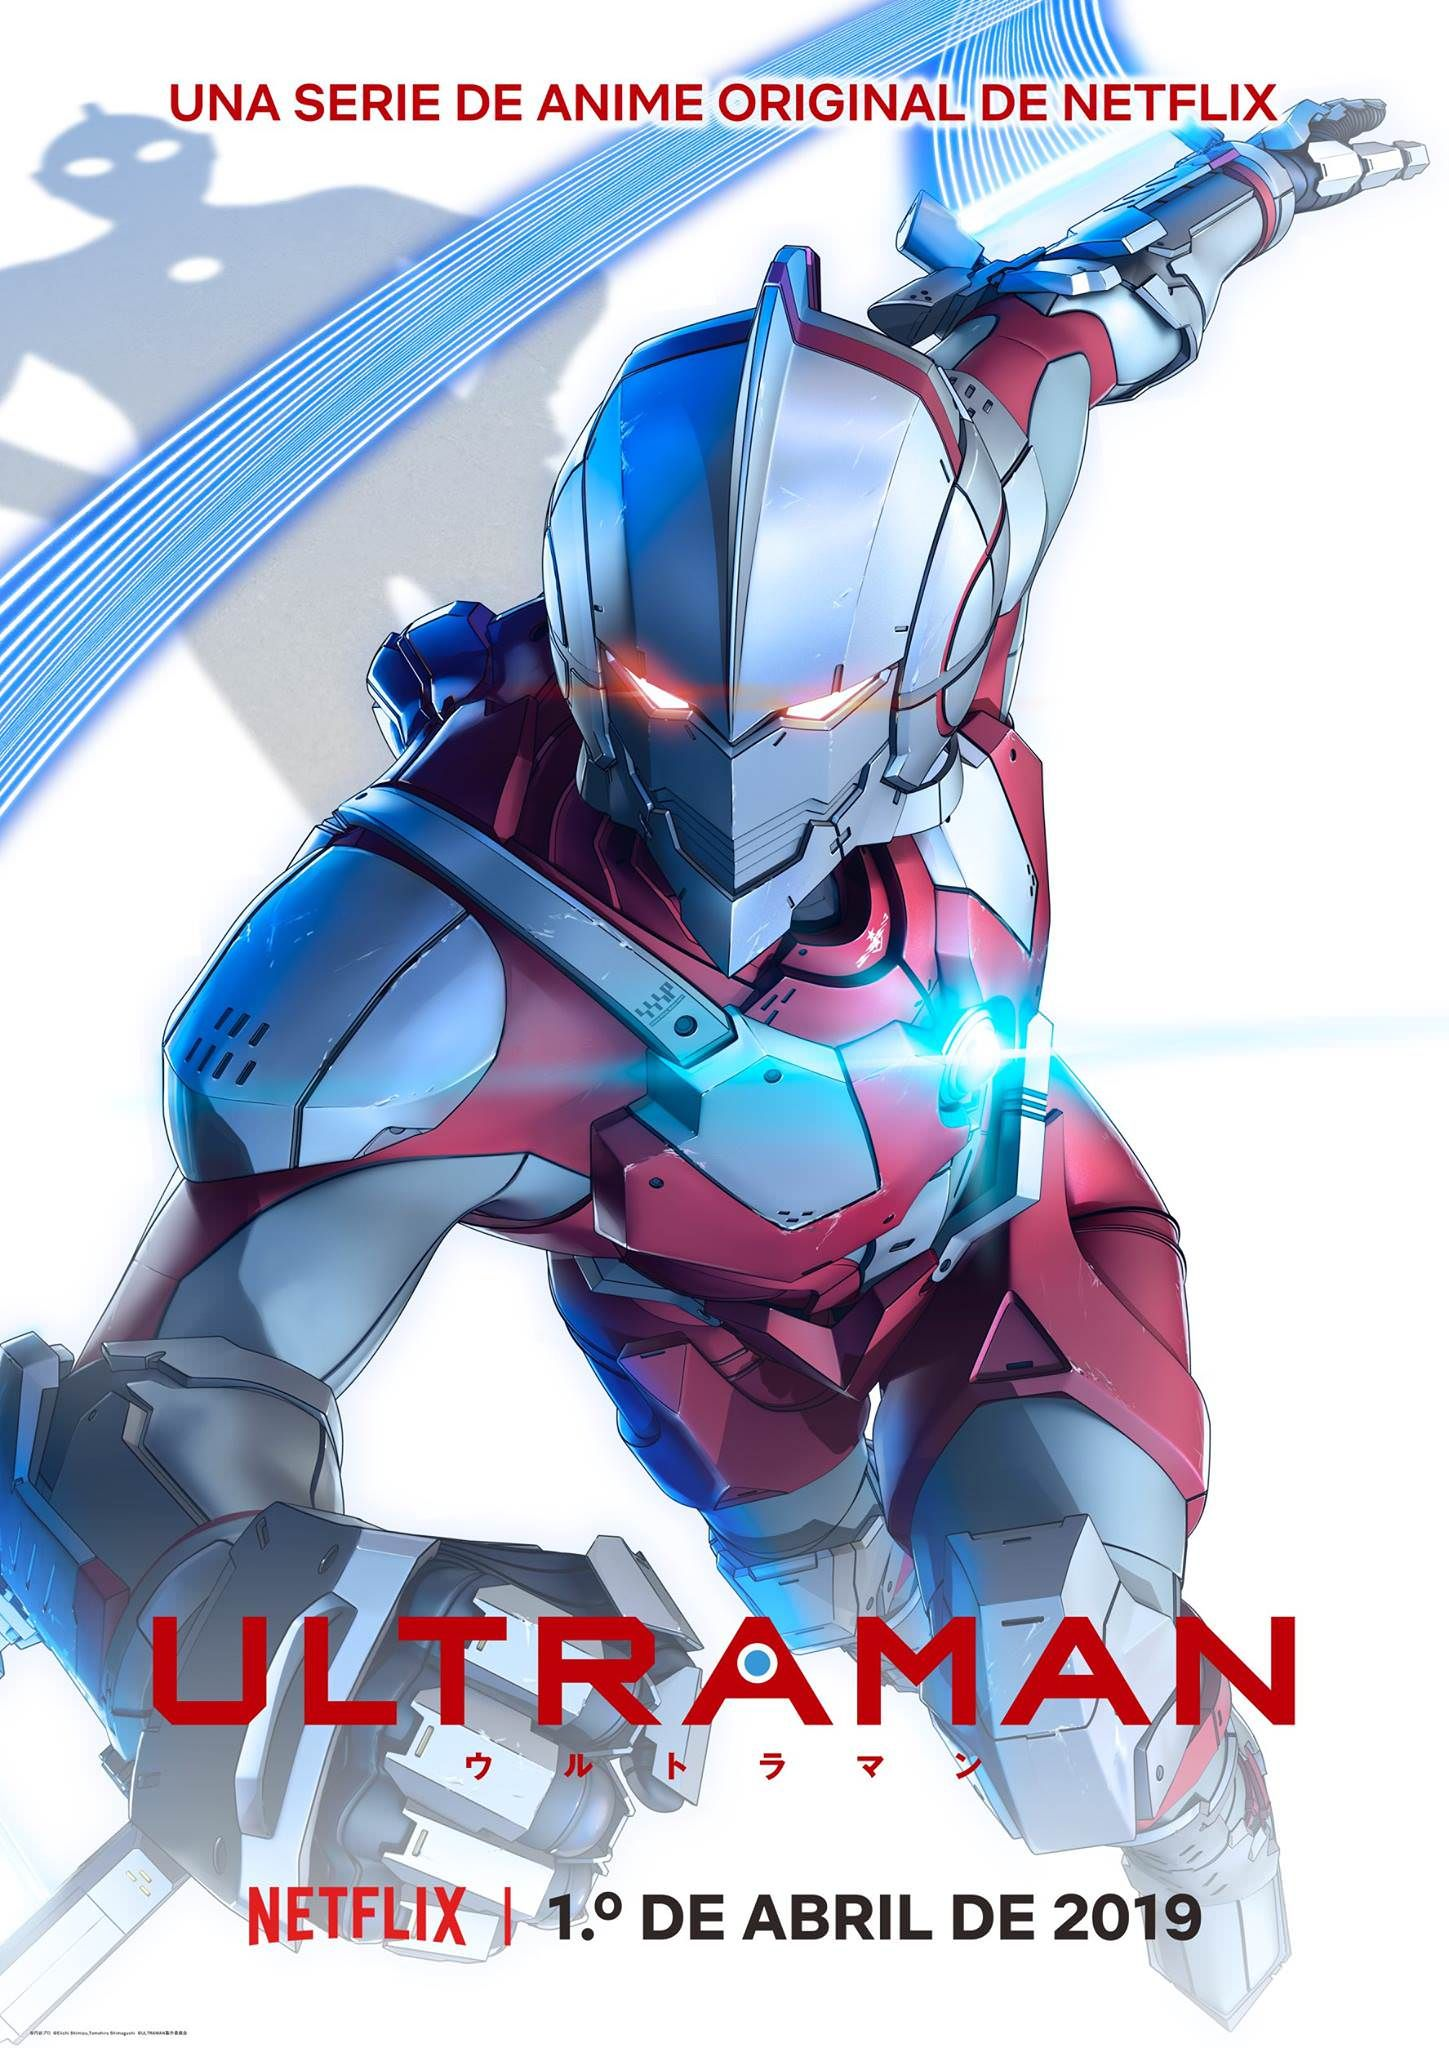 ULTRAMAN NETFLIX anuncia sus animes para el 2019